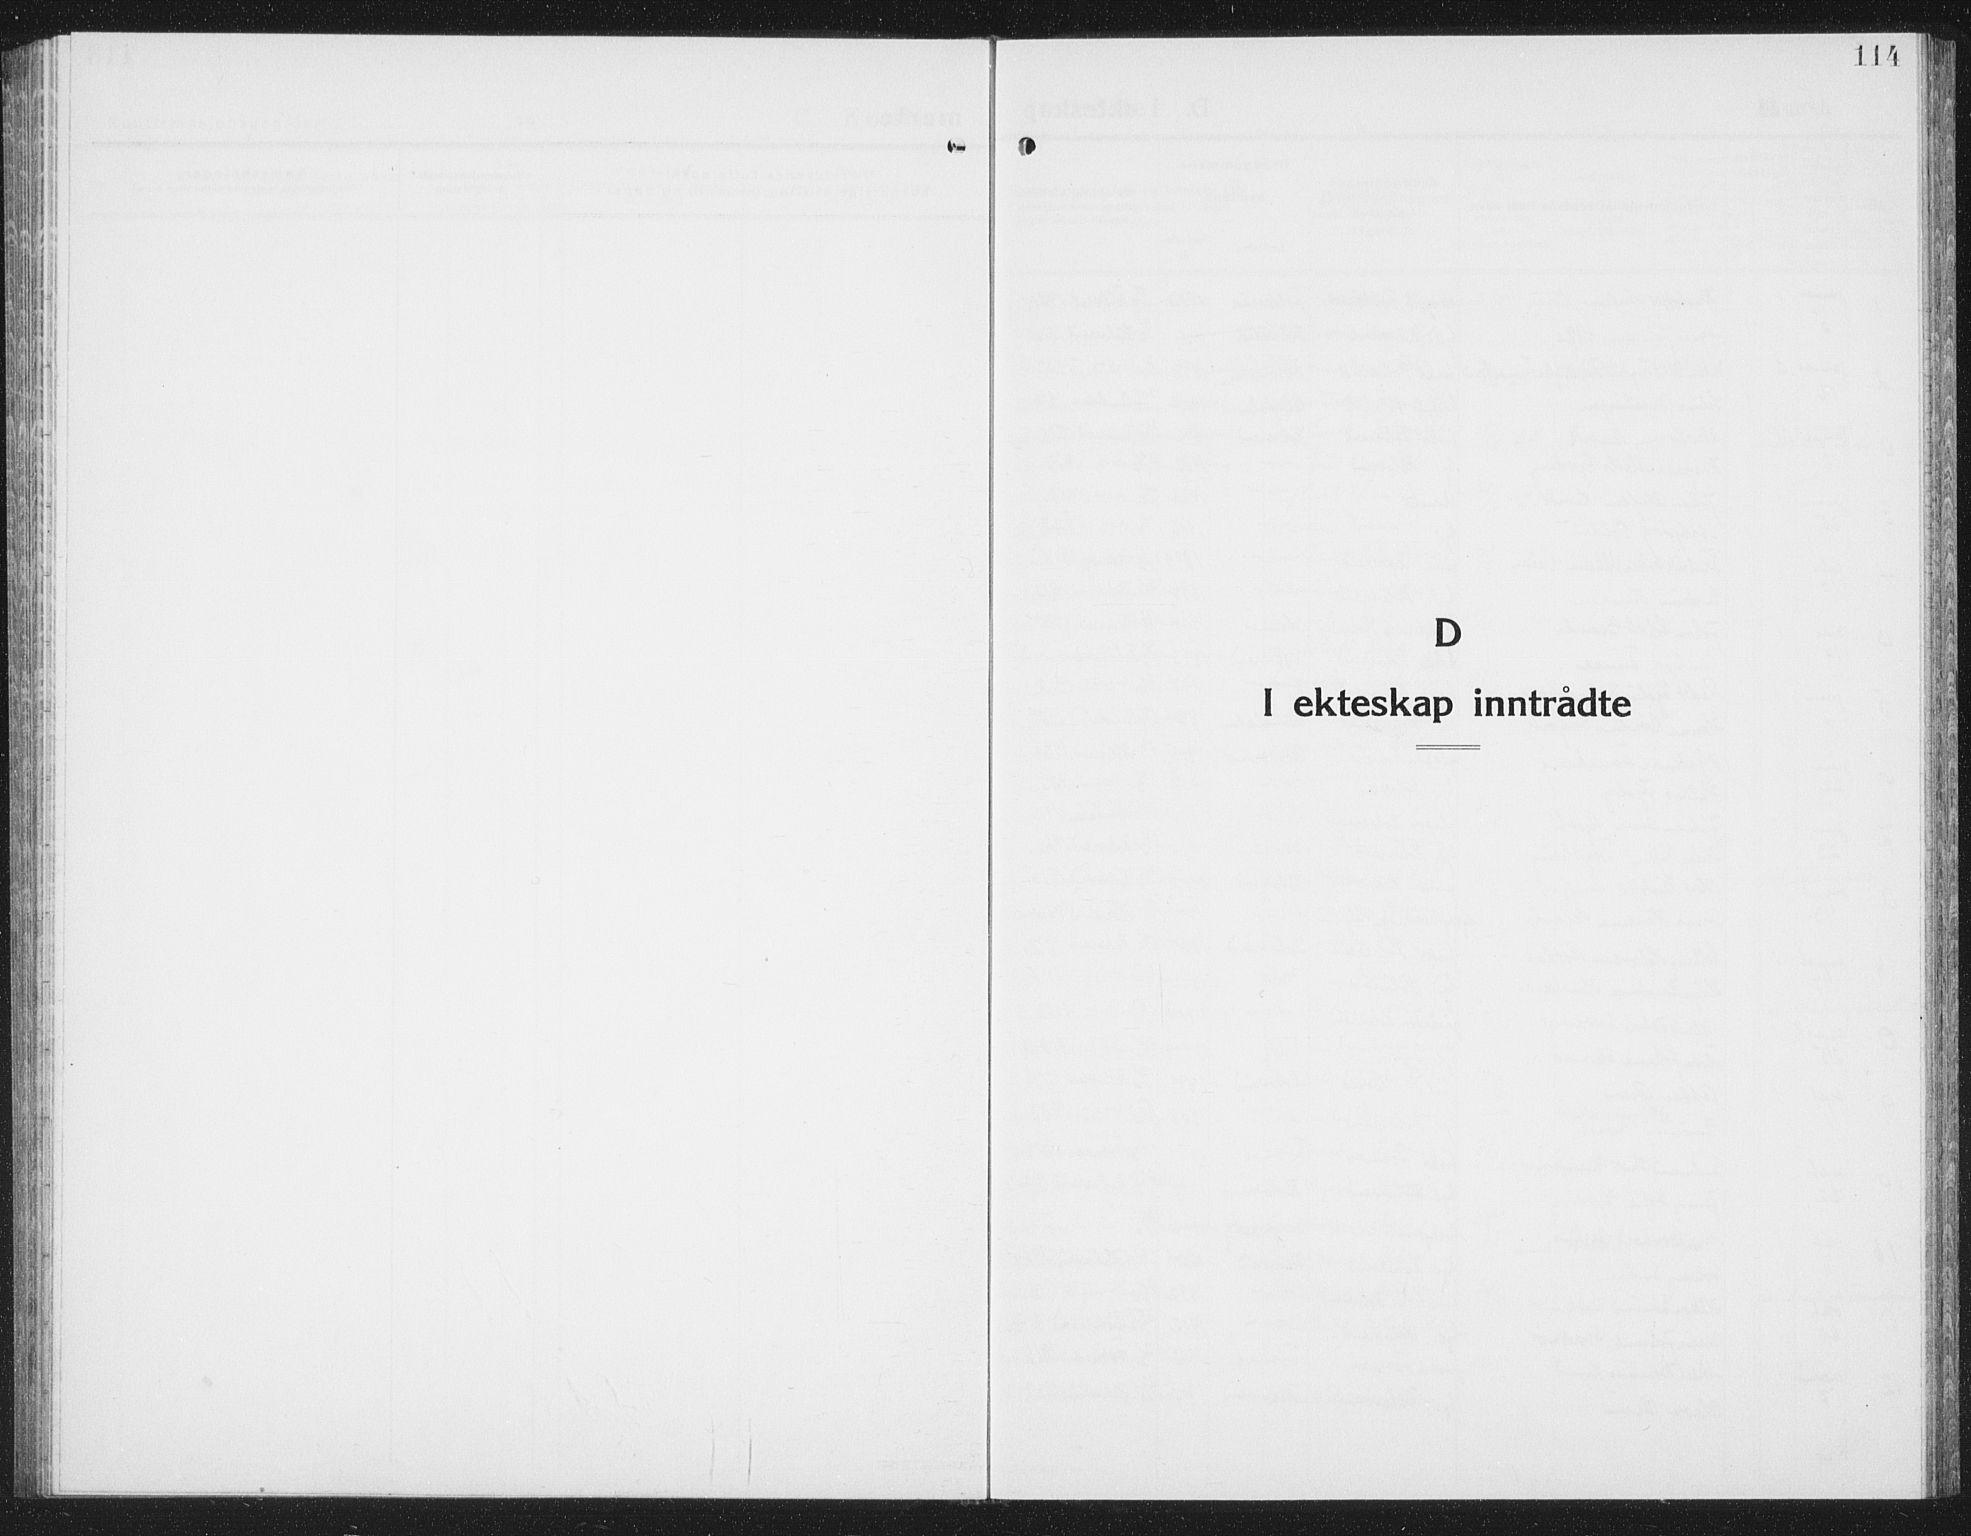 SAT, Ministerialprotokoller, klokkerbøker og fødselsregistre - Nord-Trøndelag, 780/L0654: Klokkerbok nr. 780C06, 1928-1942, s. 114